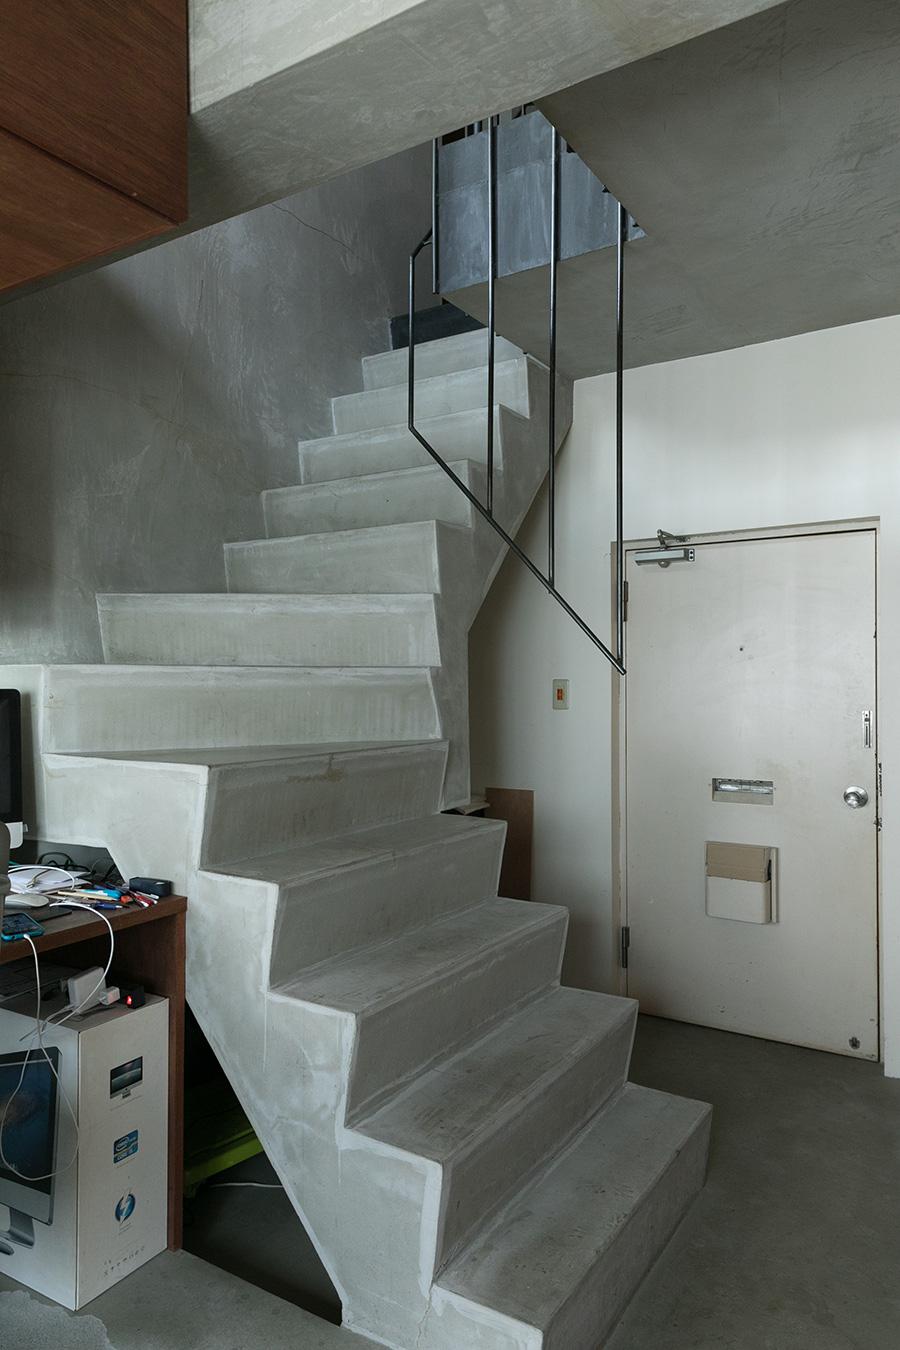 玄関から土間がワークスペースまで続く。階段を上がると、リビングやキッチン、寝室のあるフロア。